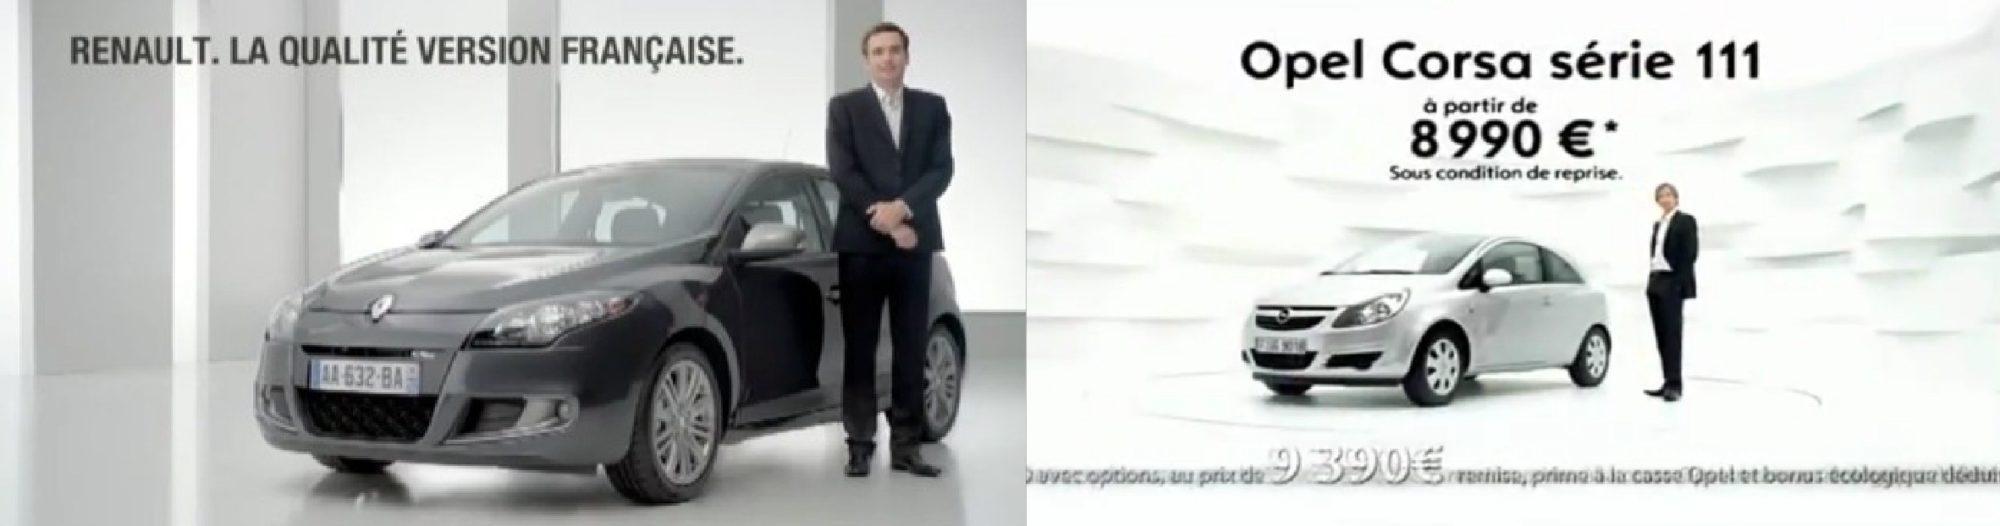 Opel Renault duel